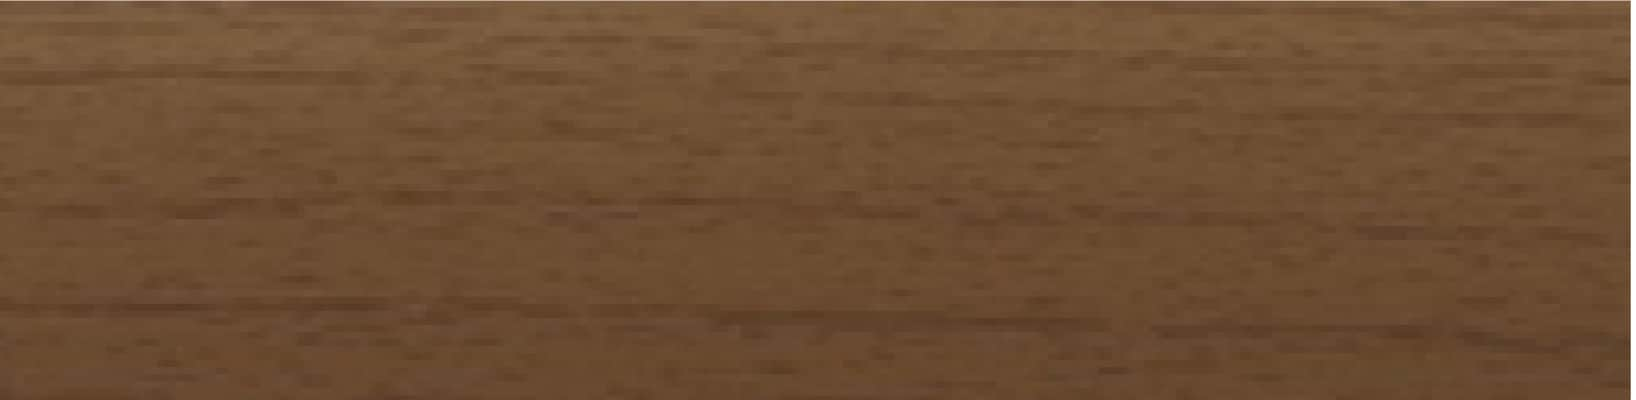 Drewnopodobny Nr koloru W97 (Dopłata 30%)